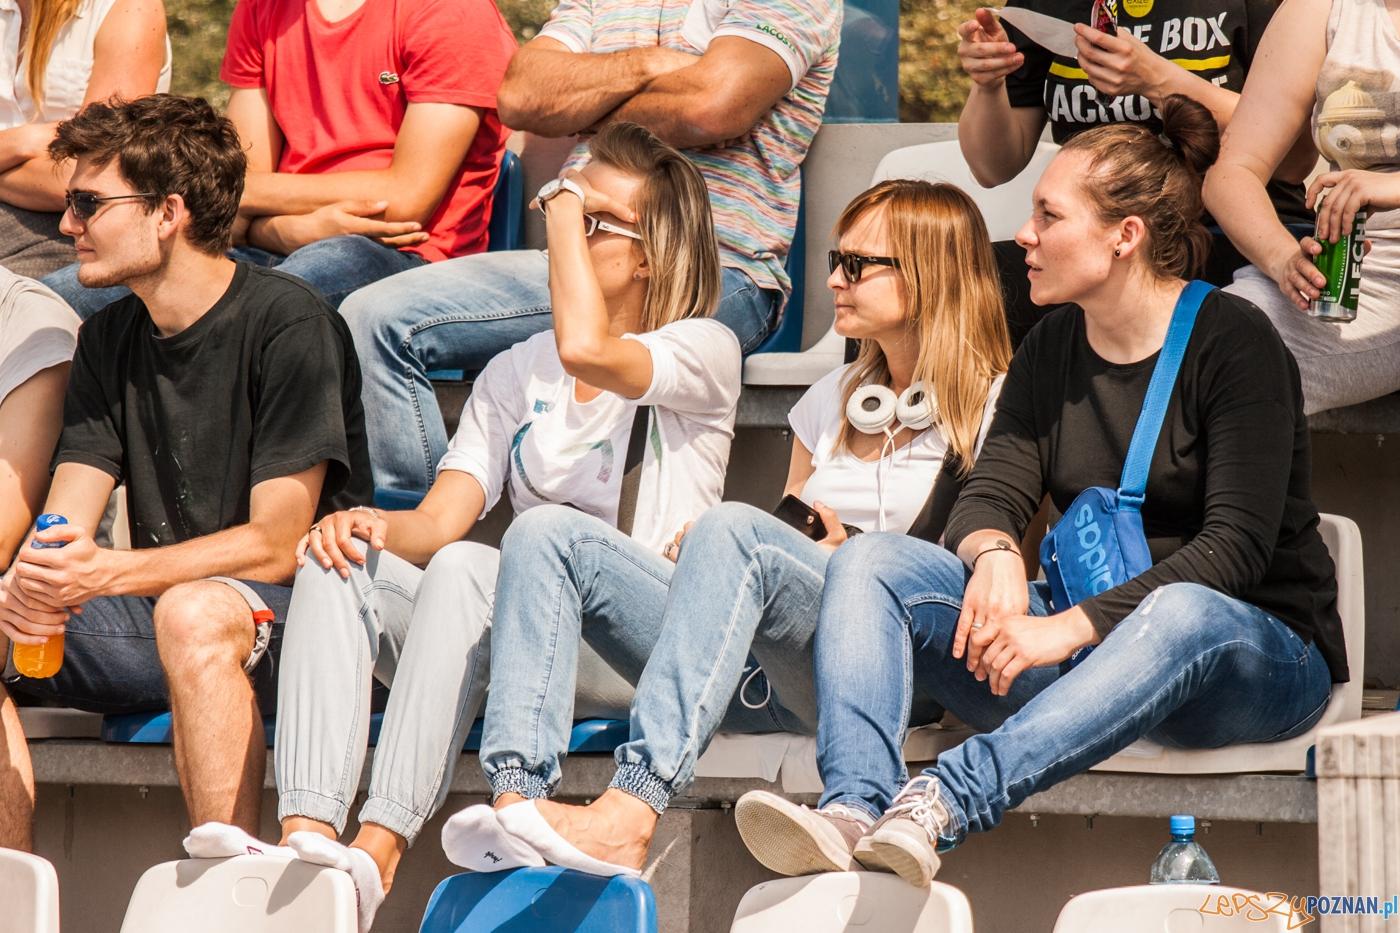 Mistrzostwa Polski w lacross - Poznań Hussars Ladies - Kosynier  Foto: © lepszyPOZNAN.pl / Karolina Kiraga